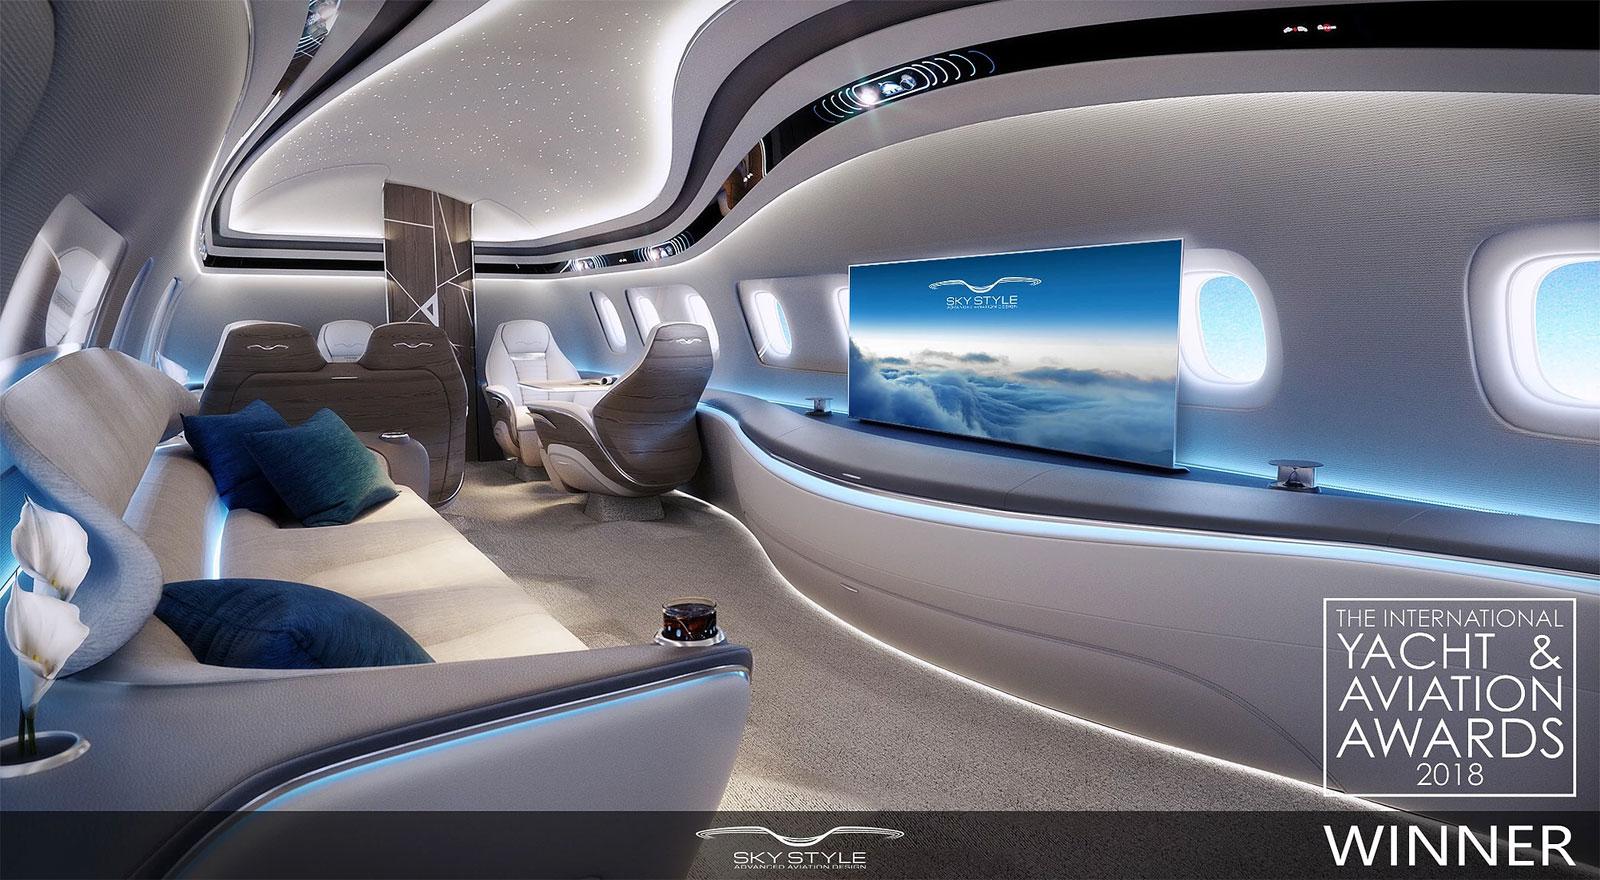 Sky Stile Advanced Interior Design By ADI Studio